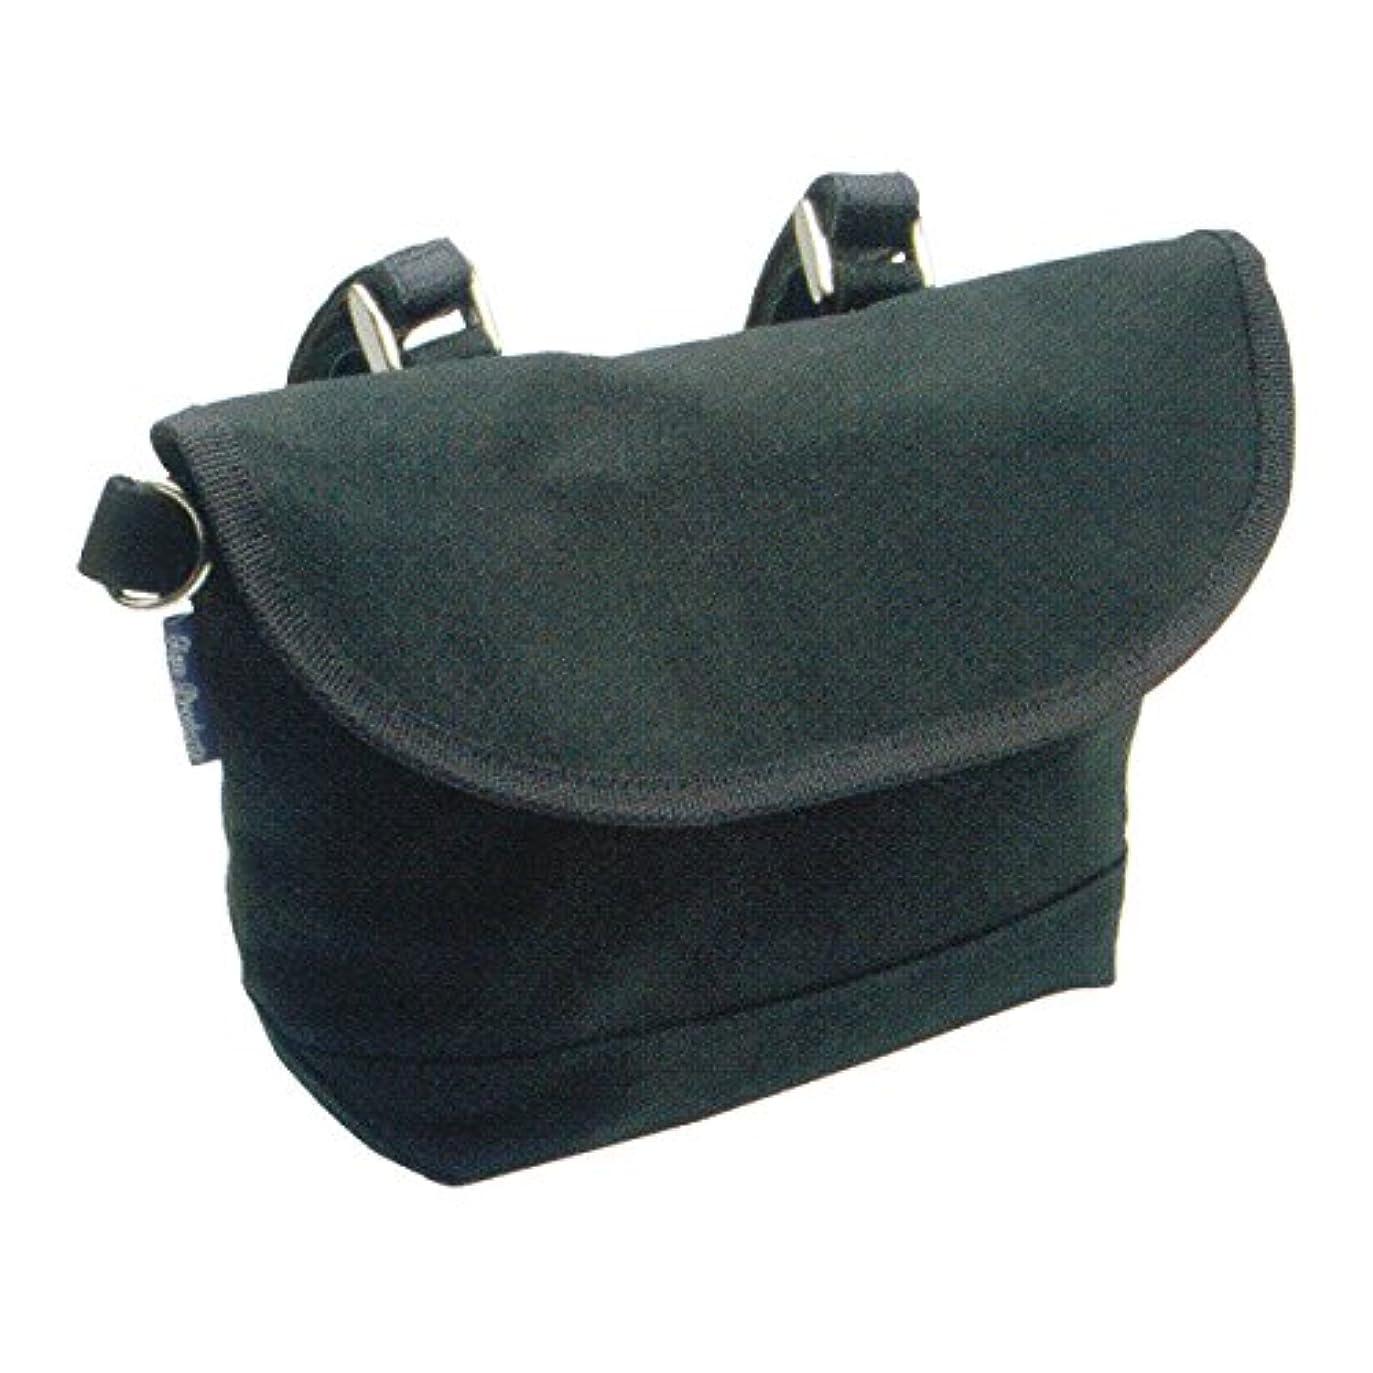 逃れるドアミラー予防接種するGIZA PRODUCTS(ギザプロダクツ) キャンバス ハンドルバーバッグ BAG28400